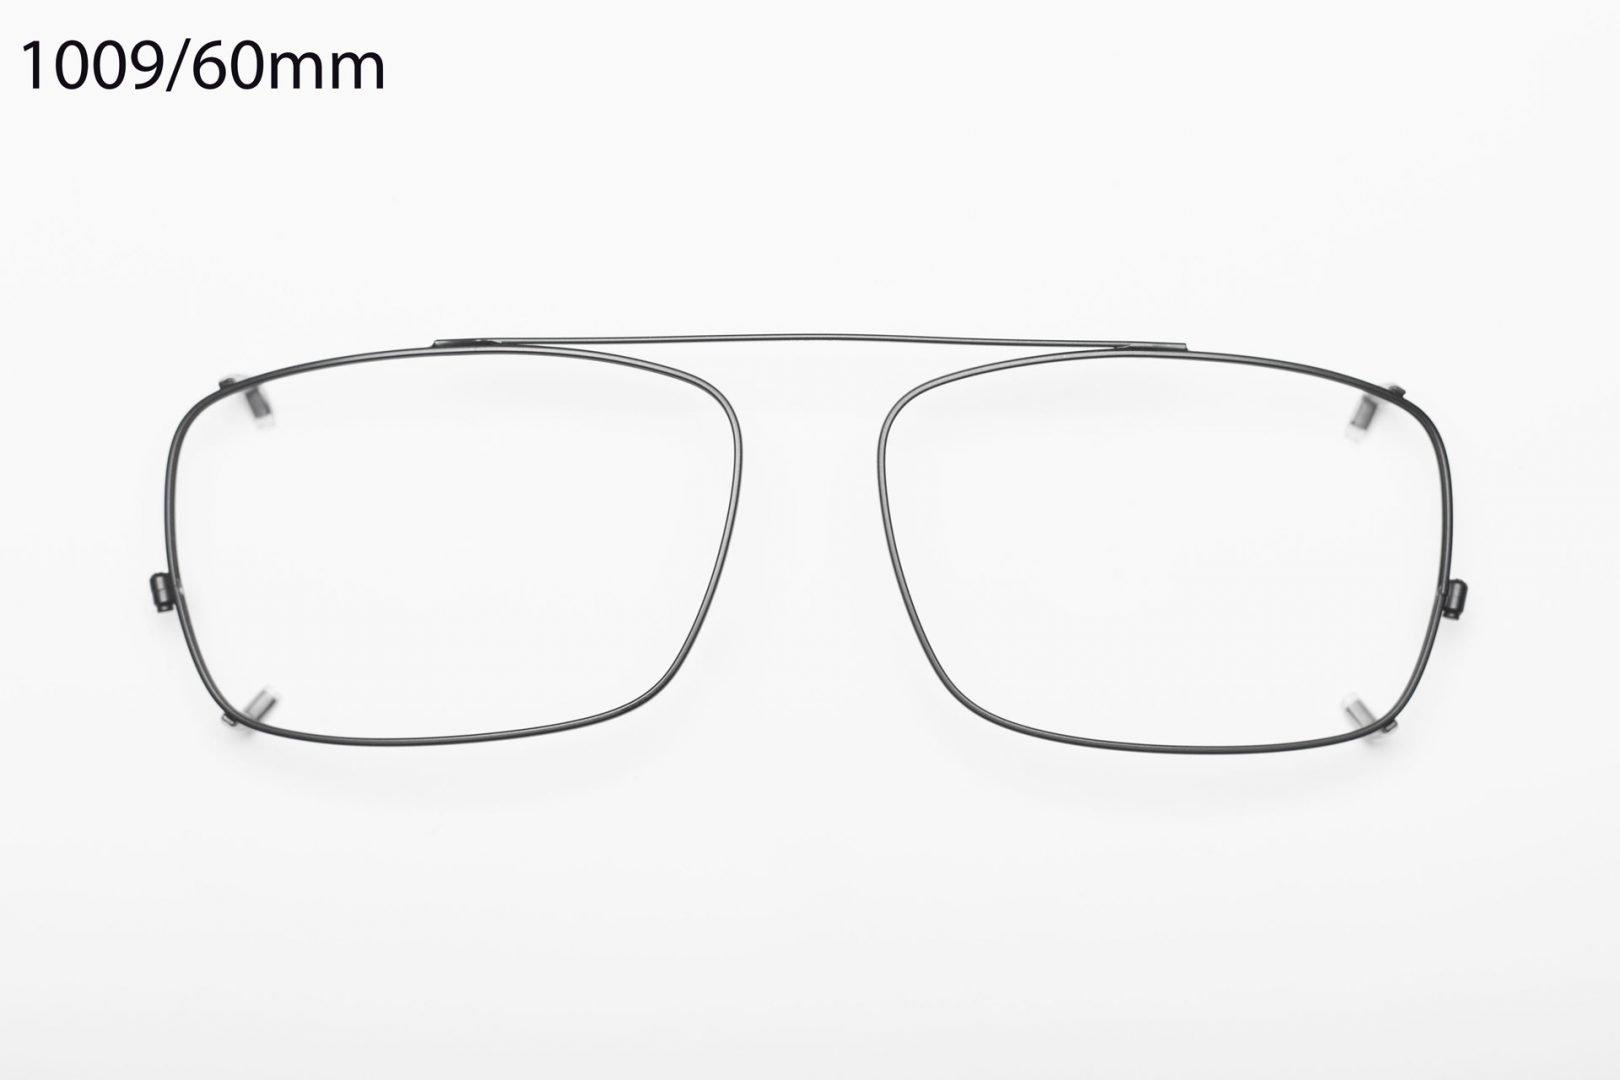 Modèle A114-100960mm